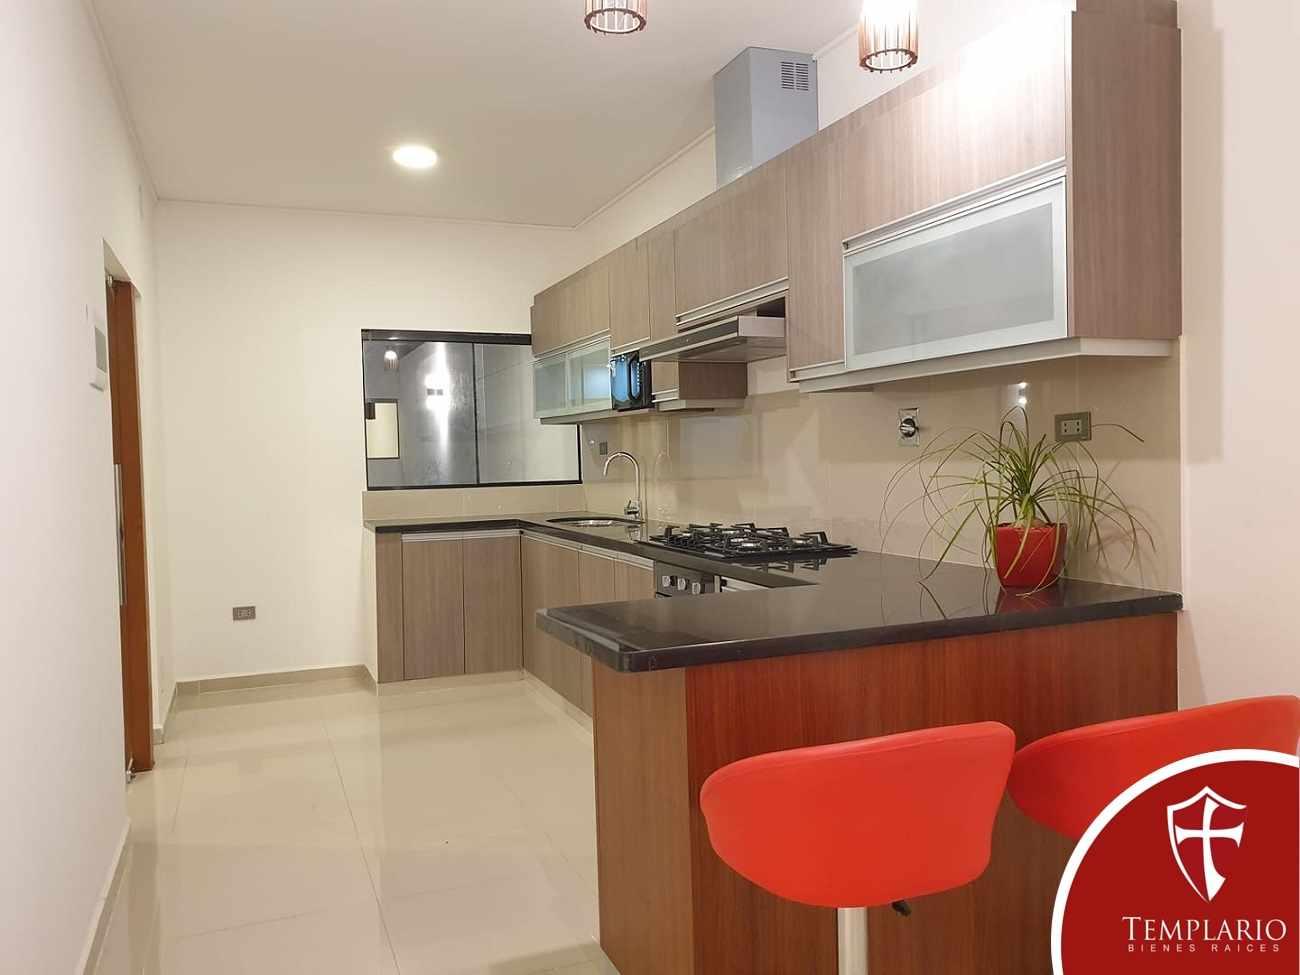 Casa en Venta Av. Santos Dumont 3er y 4to Anillo - Vecindario Residencial Foto 24